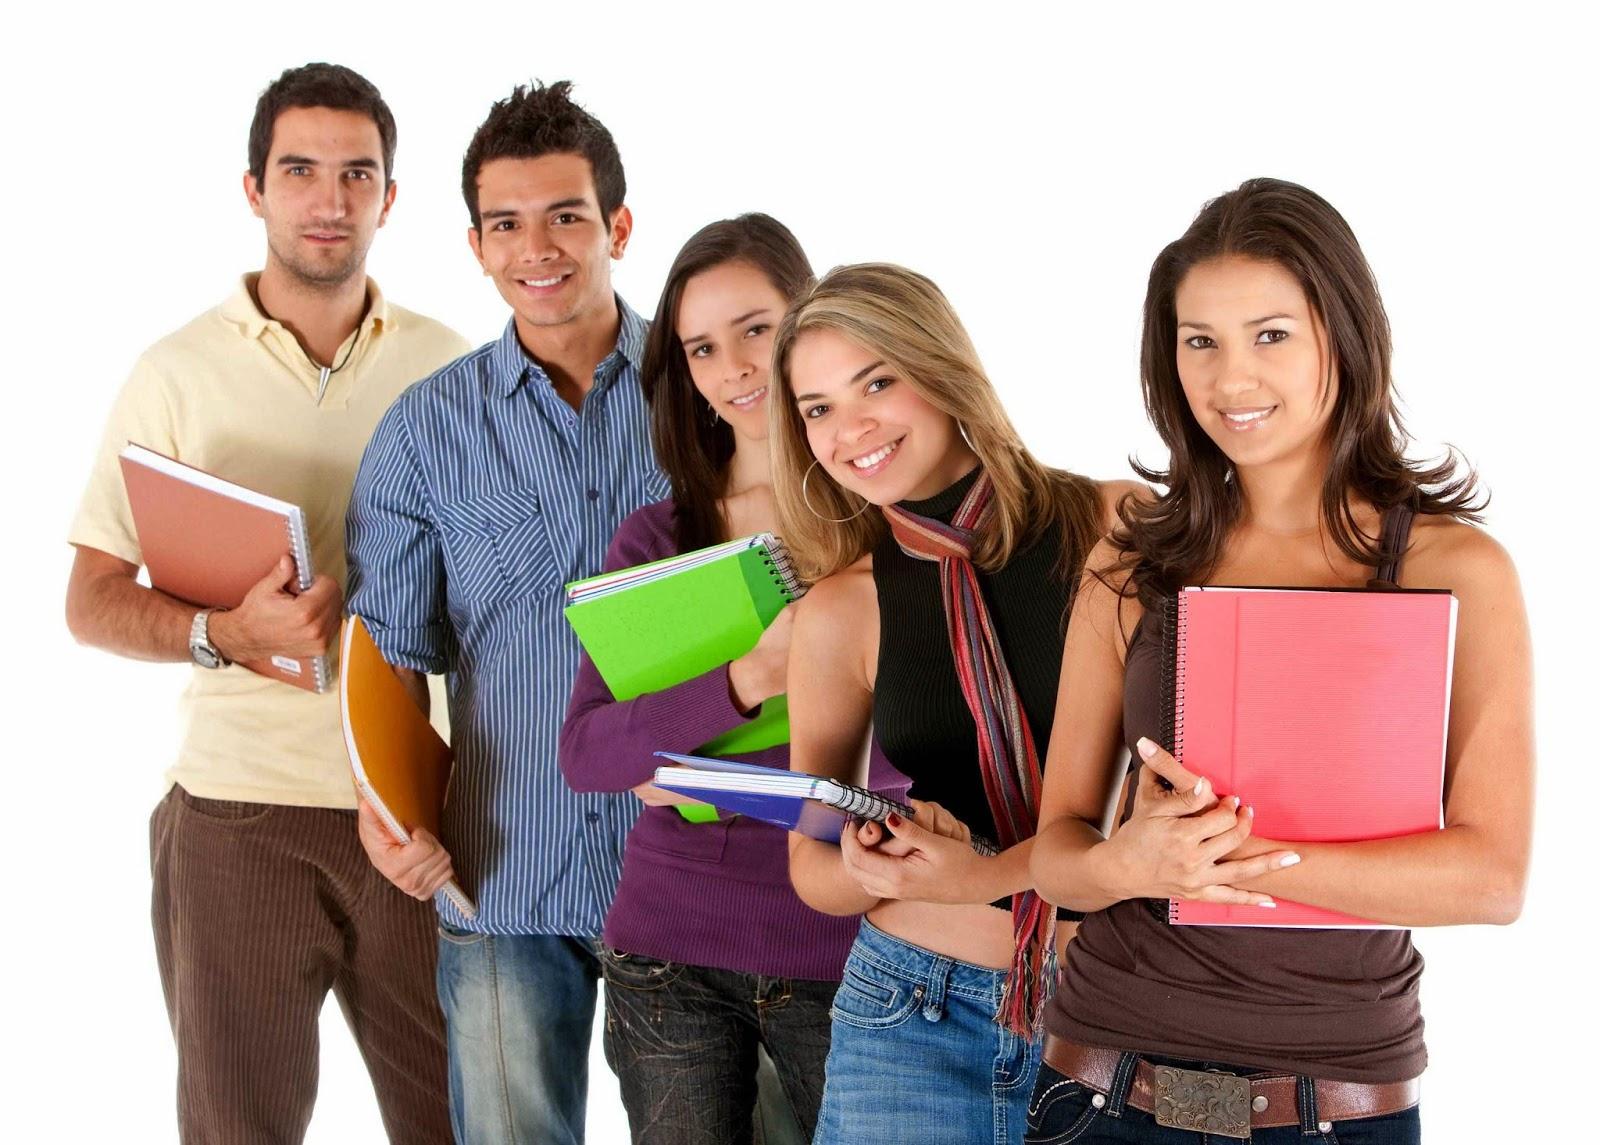 Оптимістичний законопроєкт: молоді фахівці стануть вигідними для роботодавців -  - 1013 Zakon